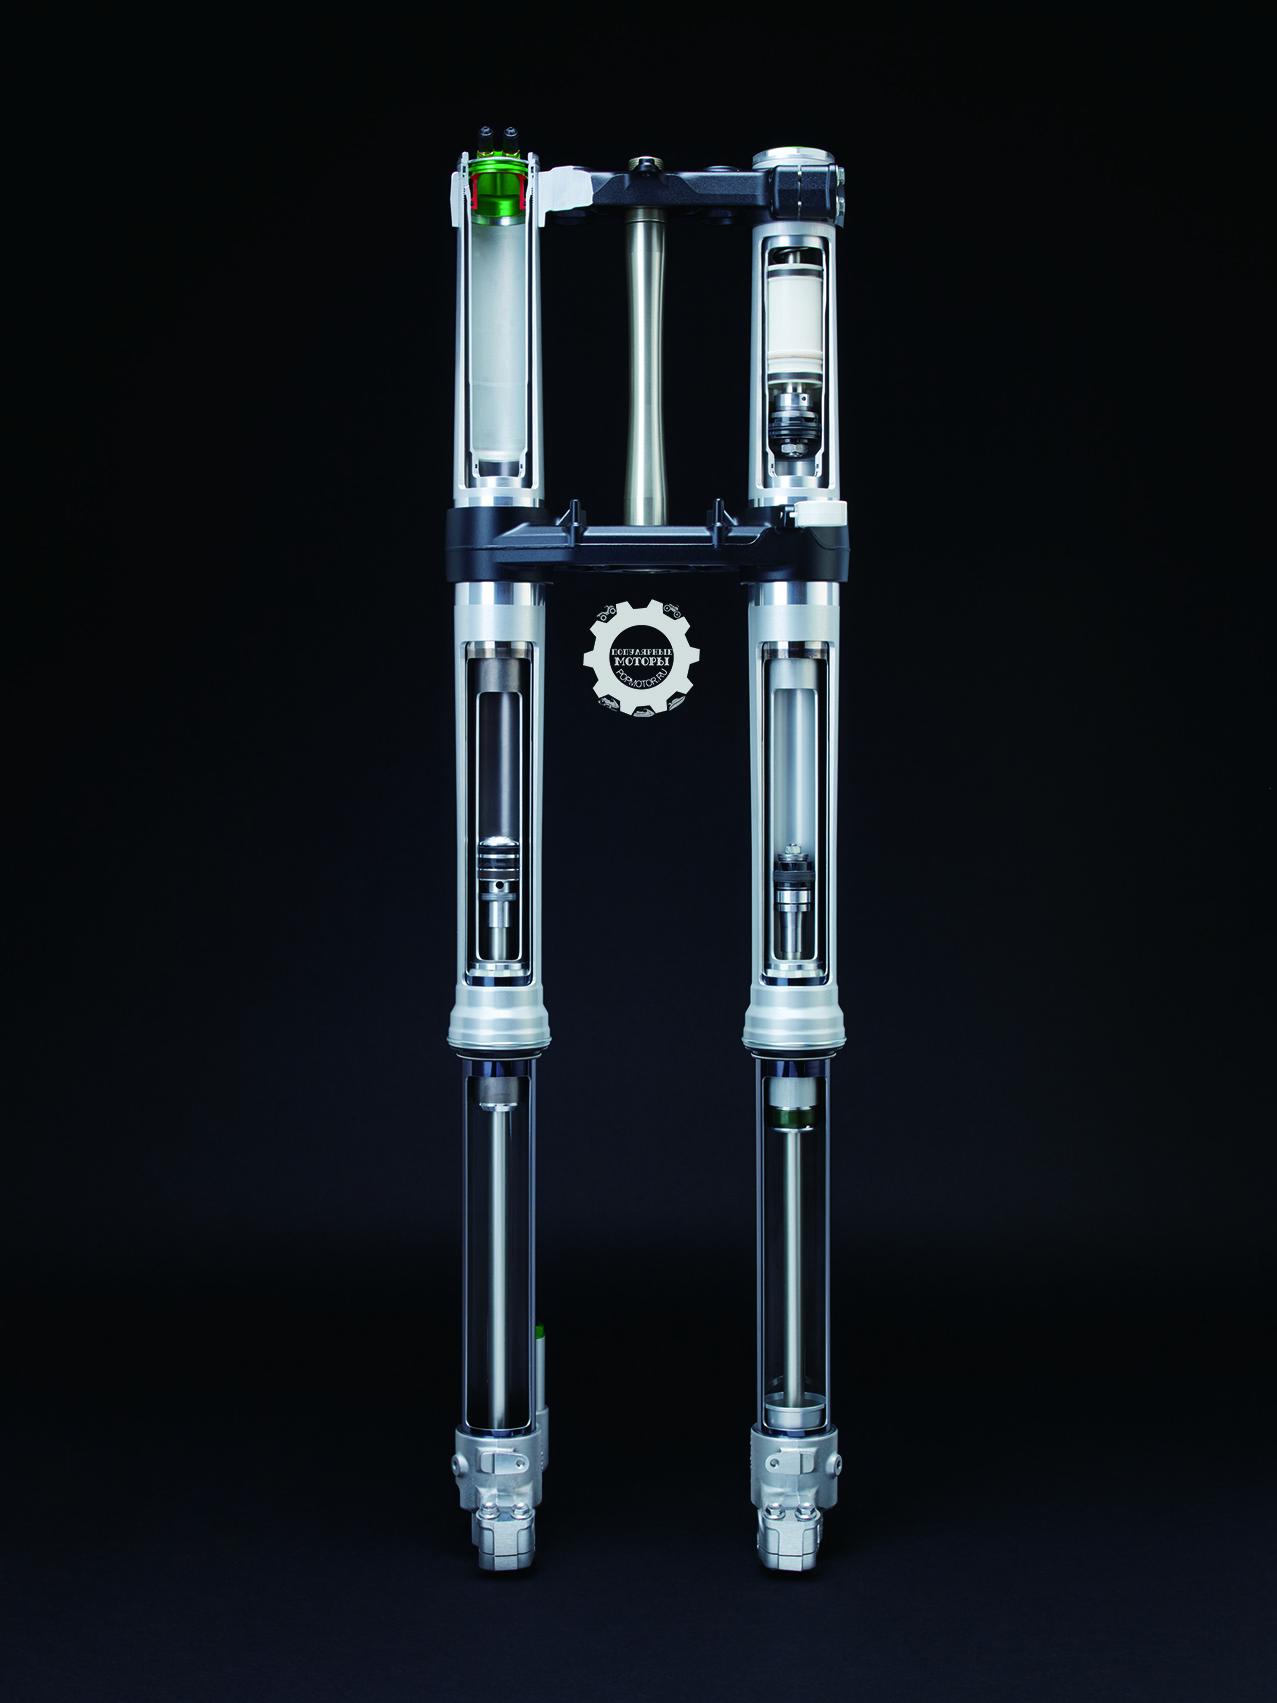 Спереди на KX450F 2015 установлена пневматическая вилка Showa SFF (Separate Function Fork) с тройной воздушной камерой (Triple Air Chamber — TAC), у которой демпфирующая сила направлена в левую трубку вилки, а пневматическая рессора находится в правой трубке. Конструкция вилки нацелена на меньшее трение и меньший вес в сравнении с традиционной подрессоренной вилкой.